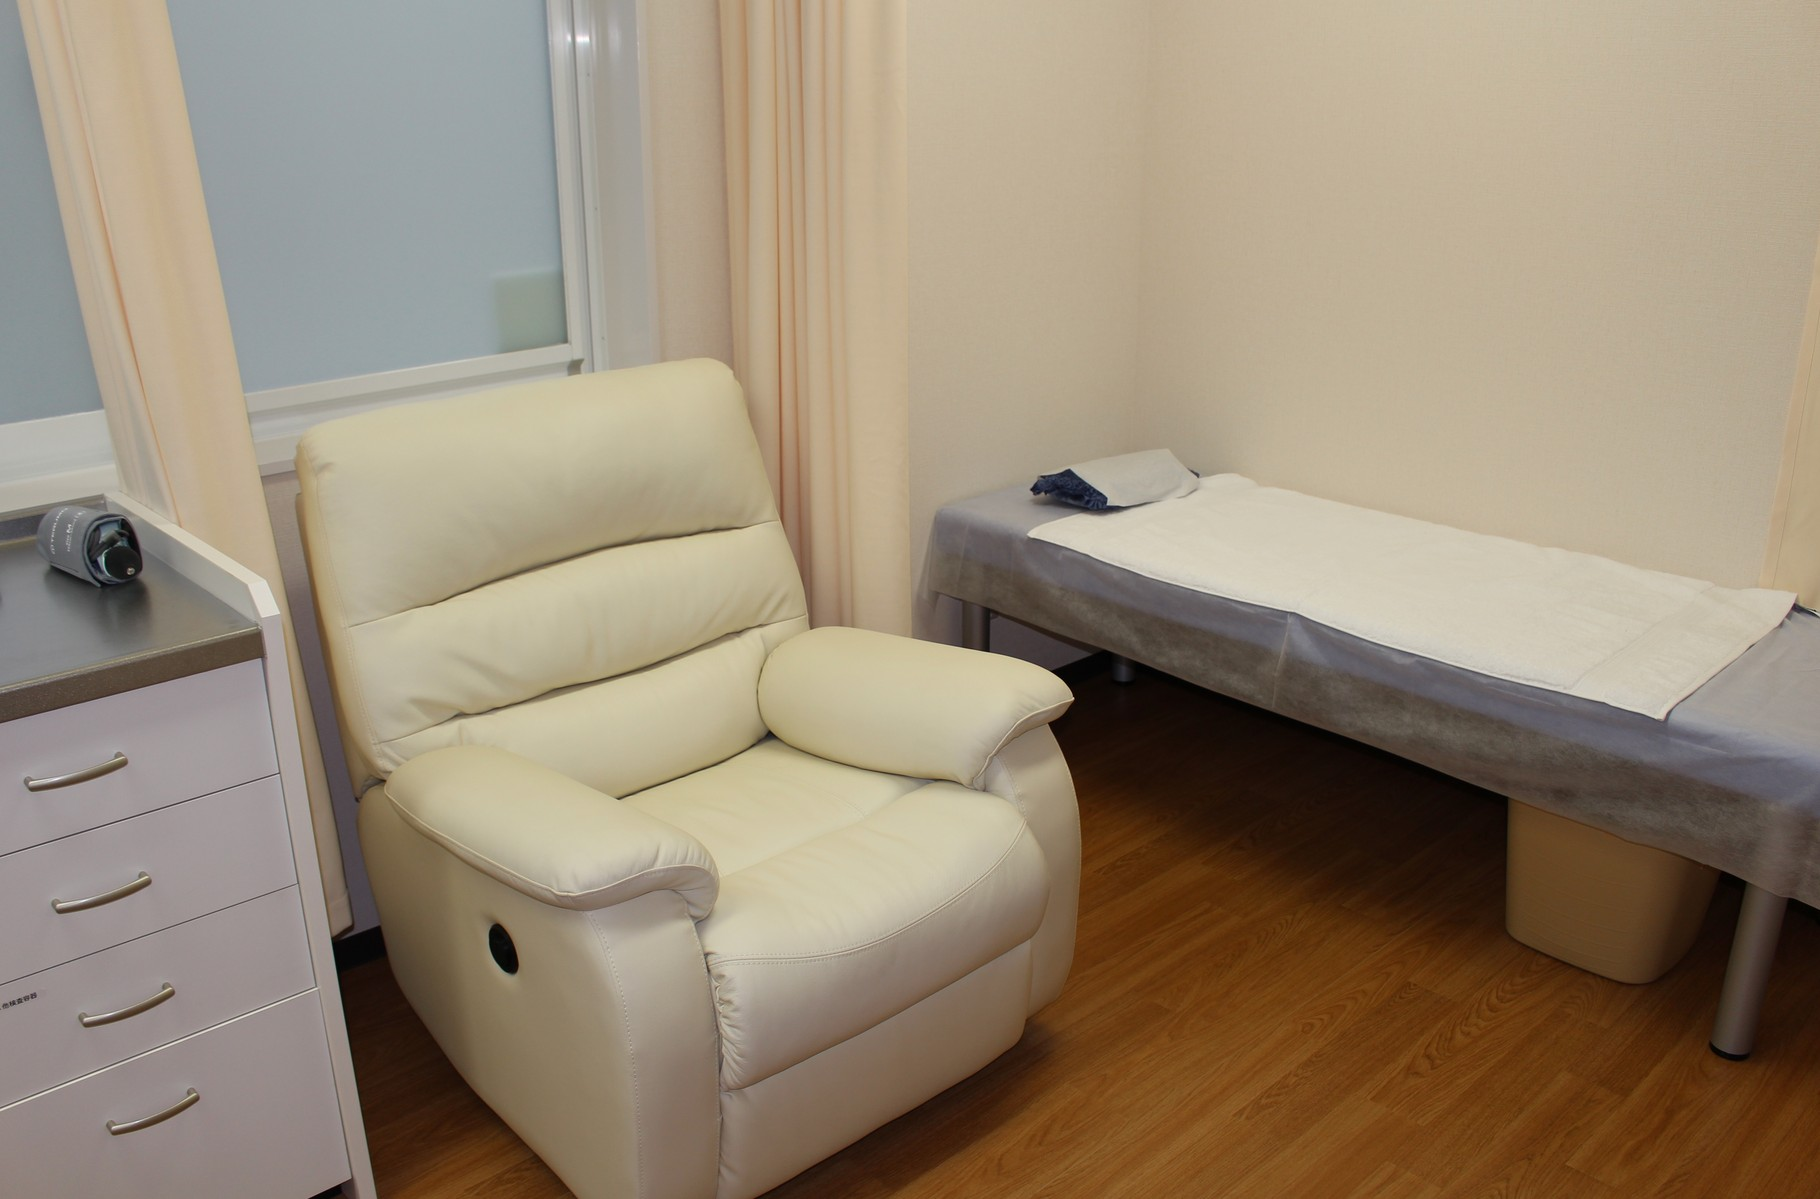 処置室のリクライニングソファーとベッド(点滴)